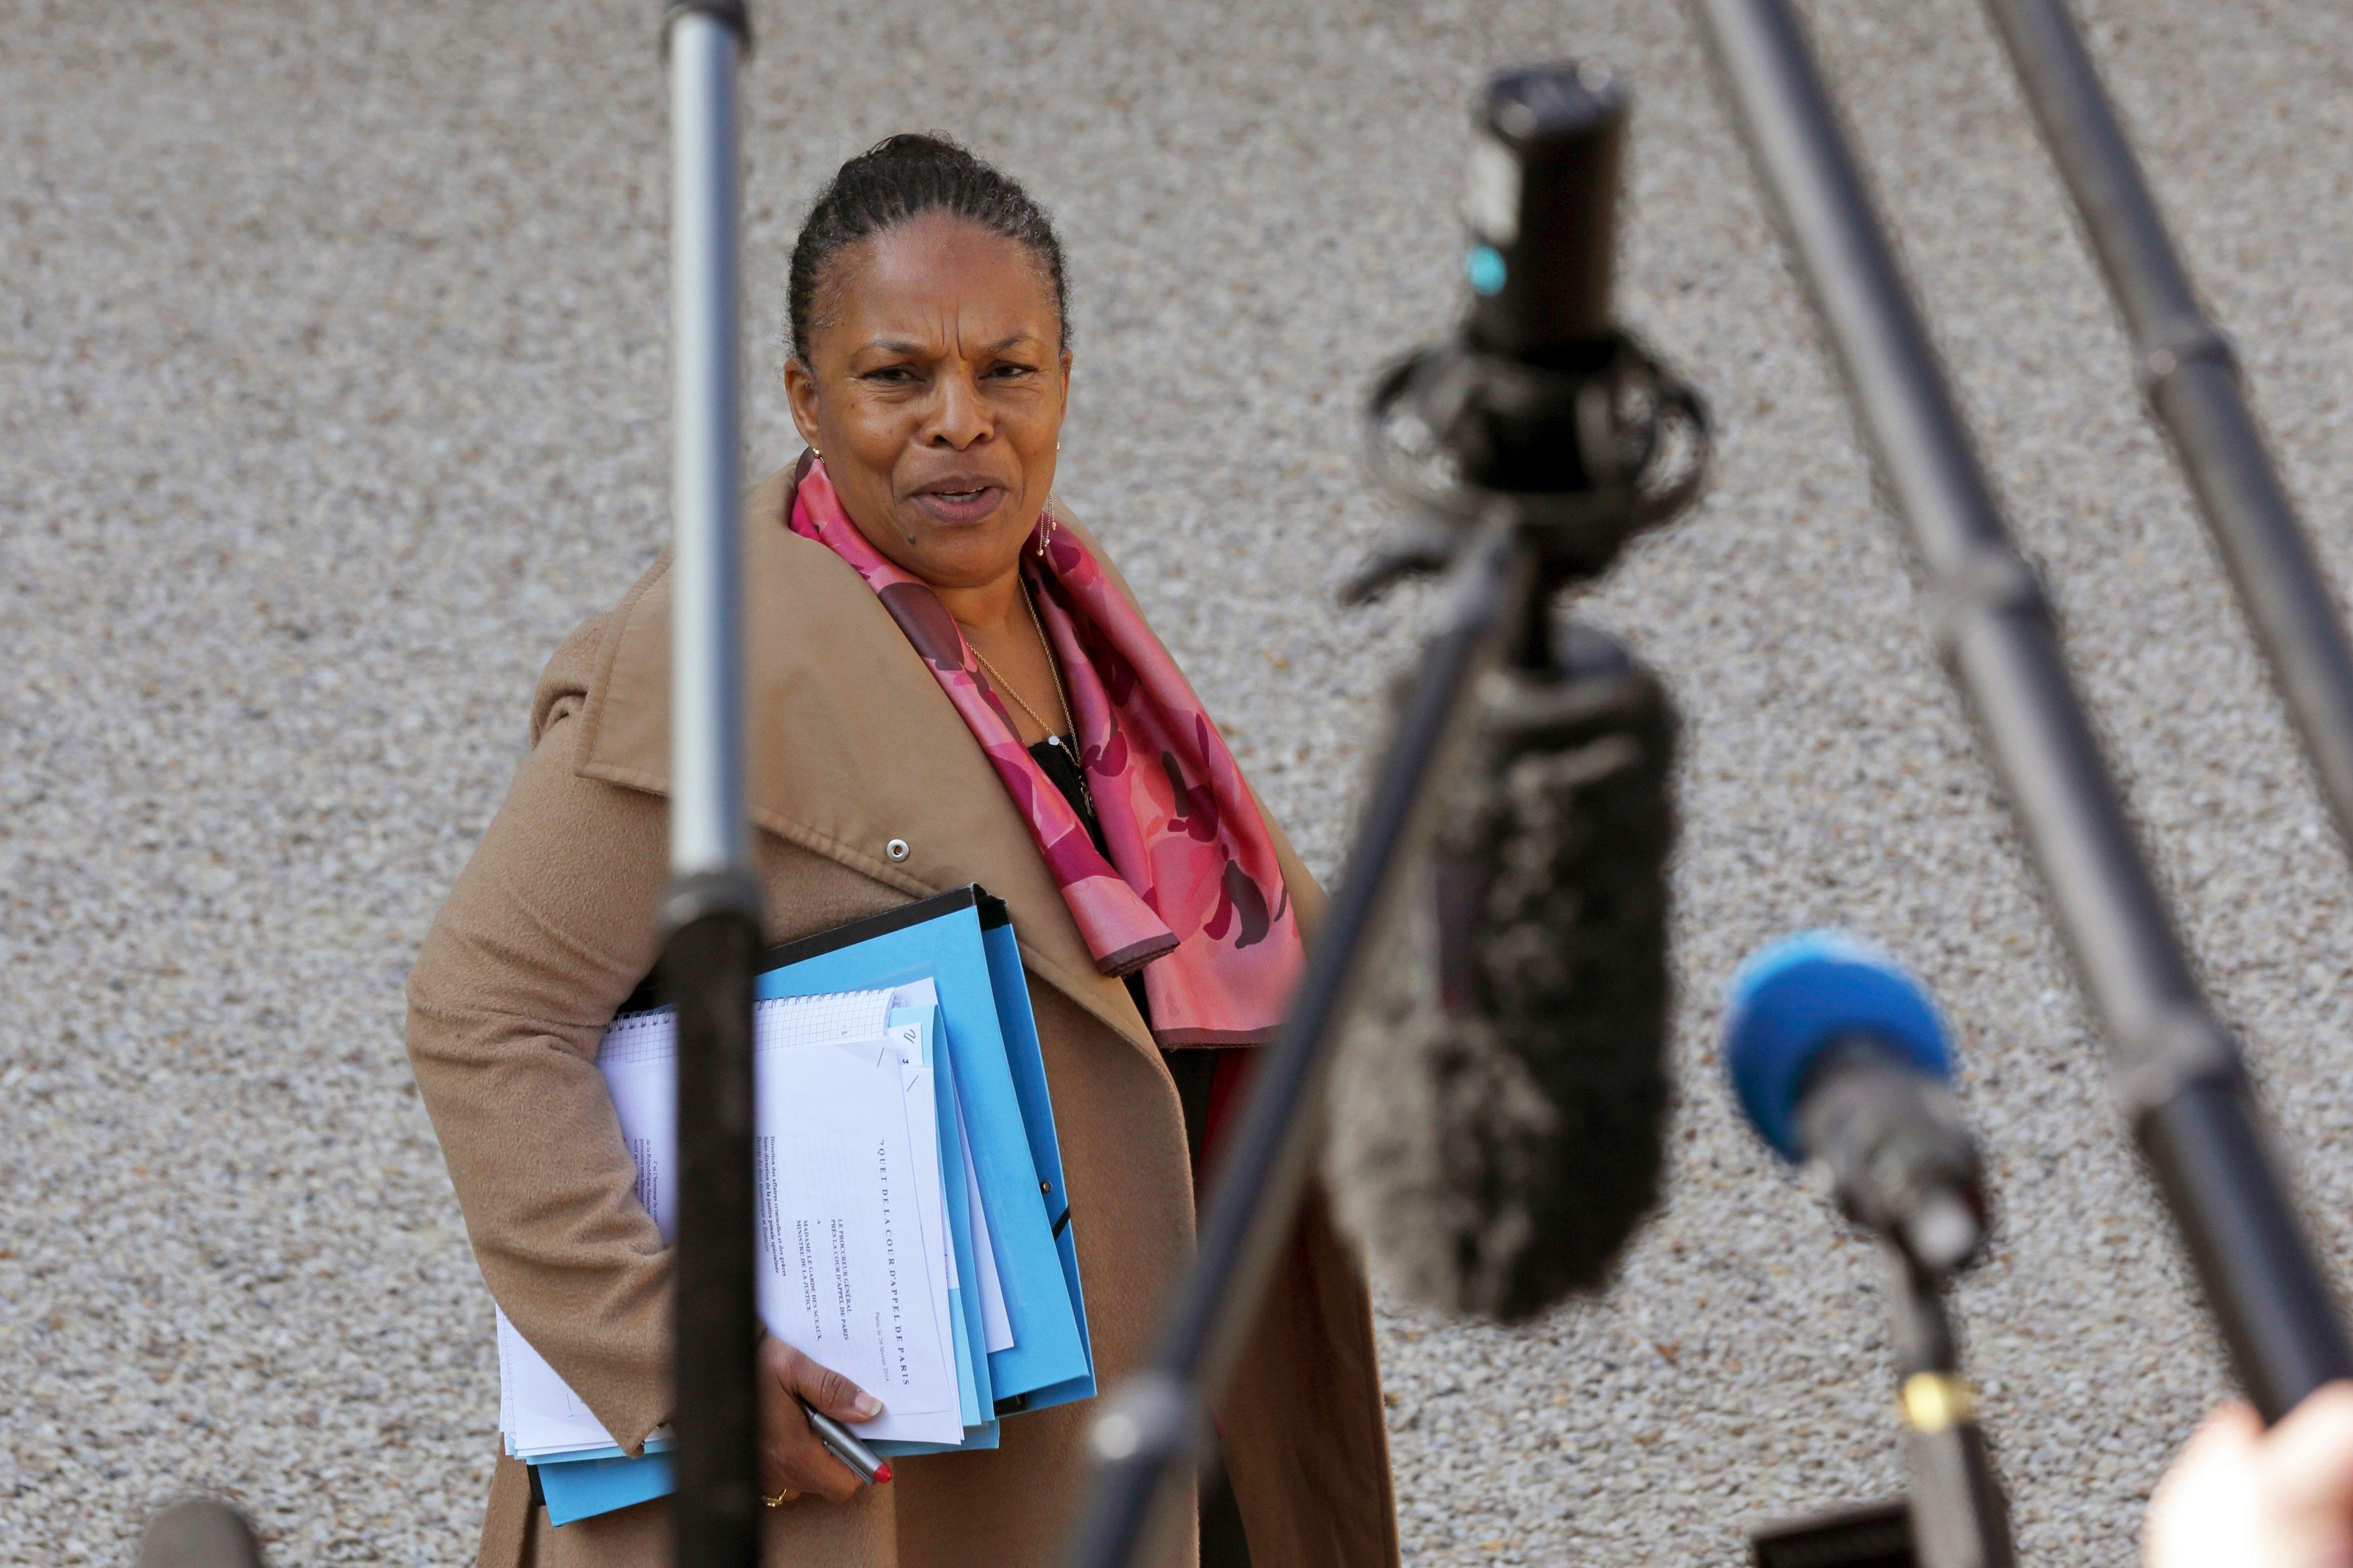 Justice des mineurs : Pourquoi Taubira finira par totalement marginaliser ceux qu'elle s'imagine aider